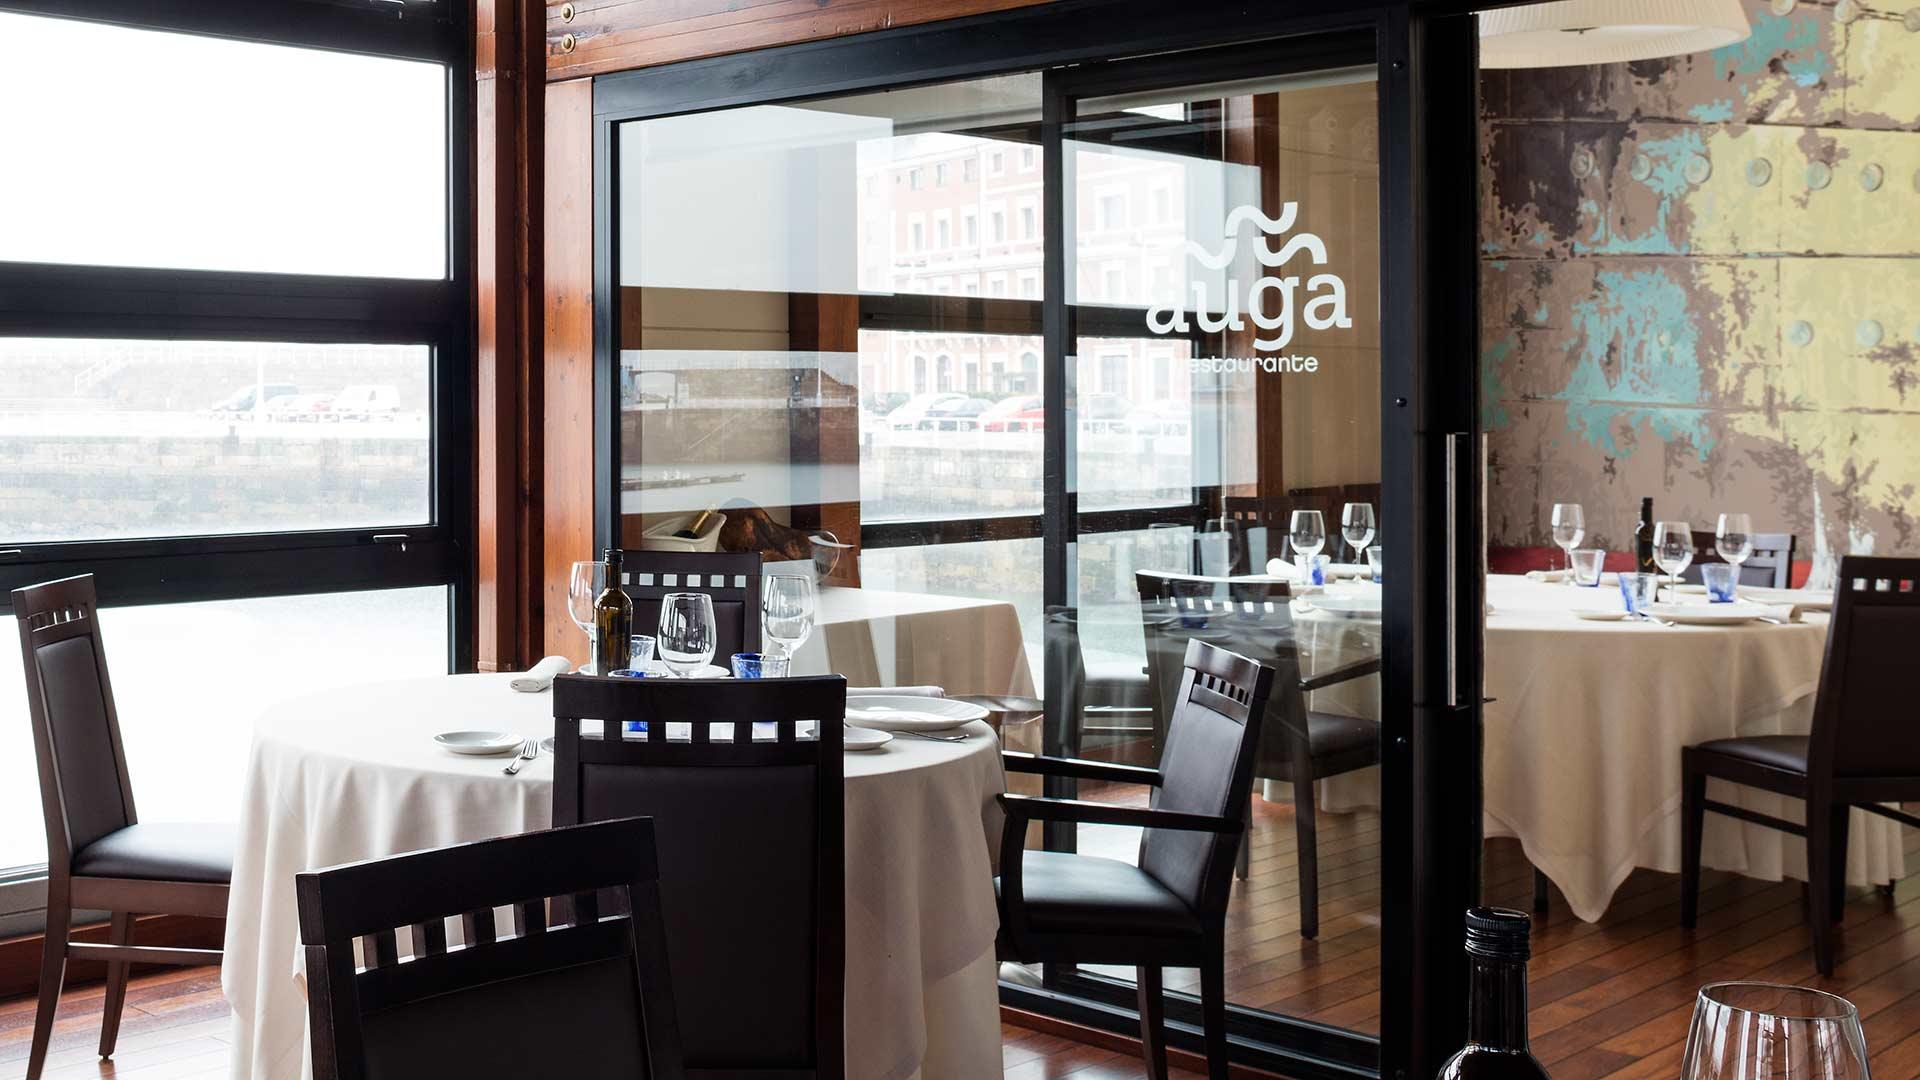 detalle comedor restaurante Auga